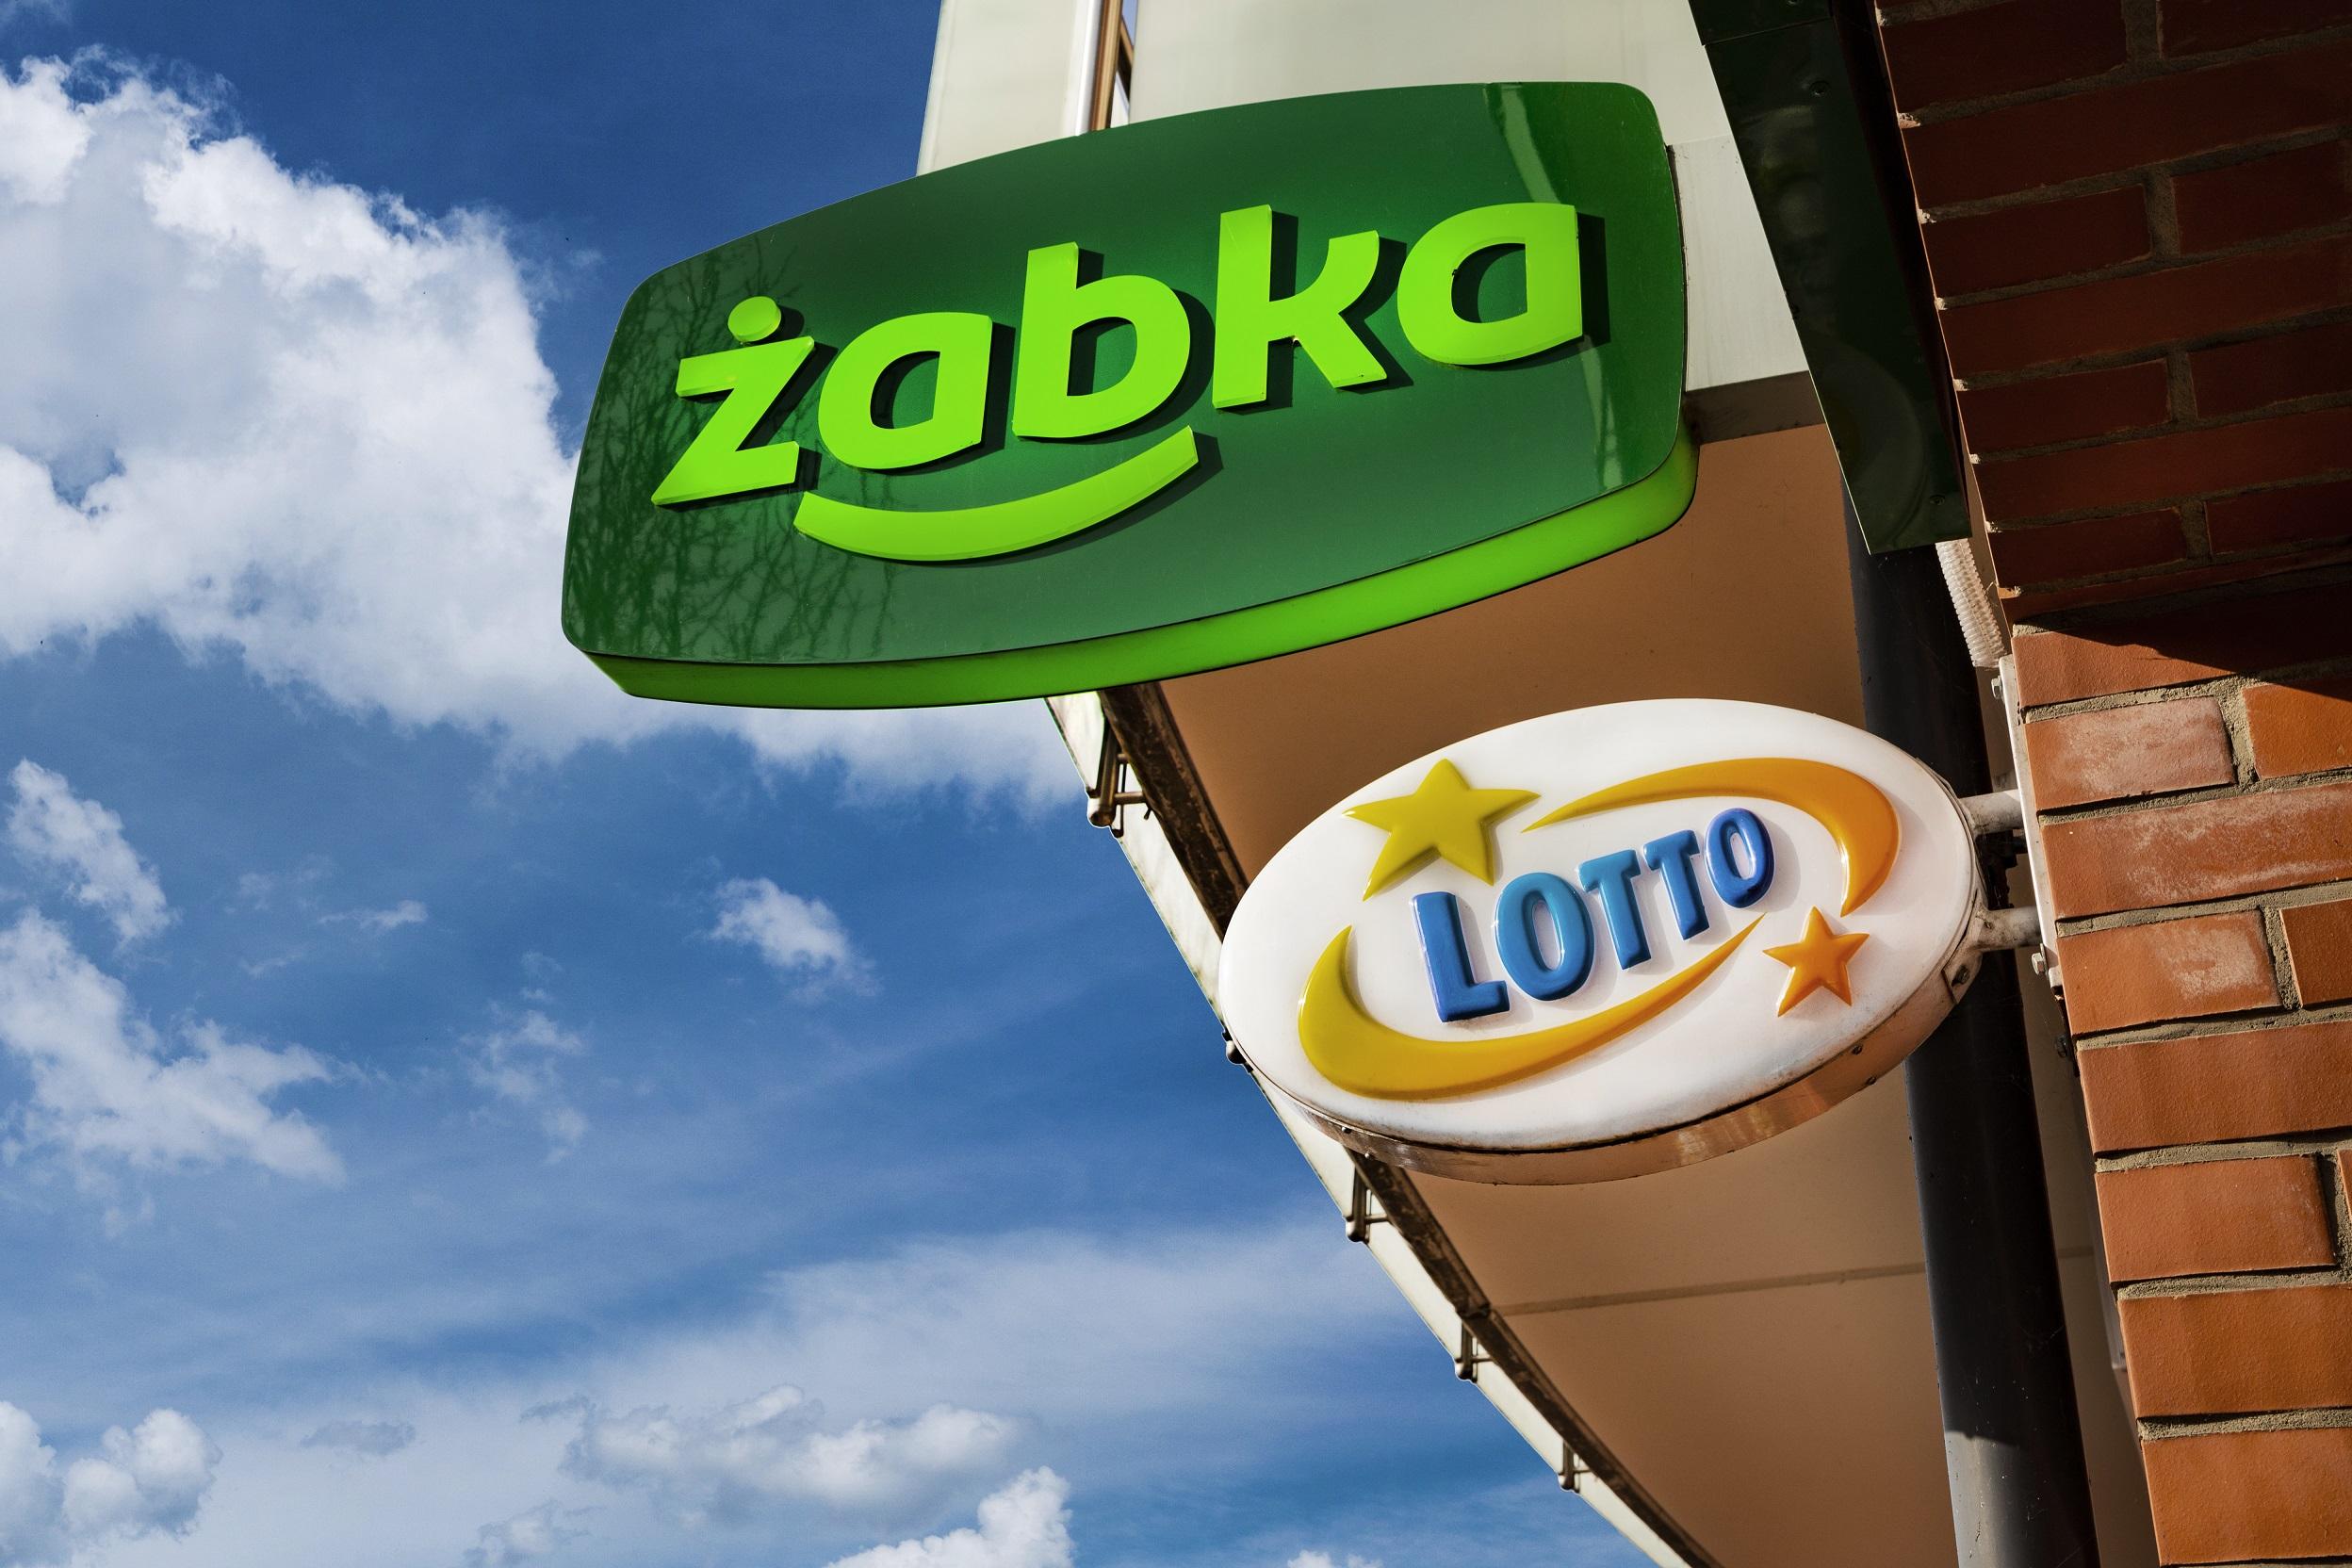 Nowe rozwiązanie Lotto w Żabce